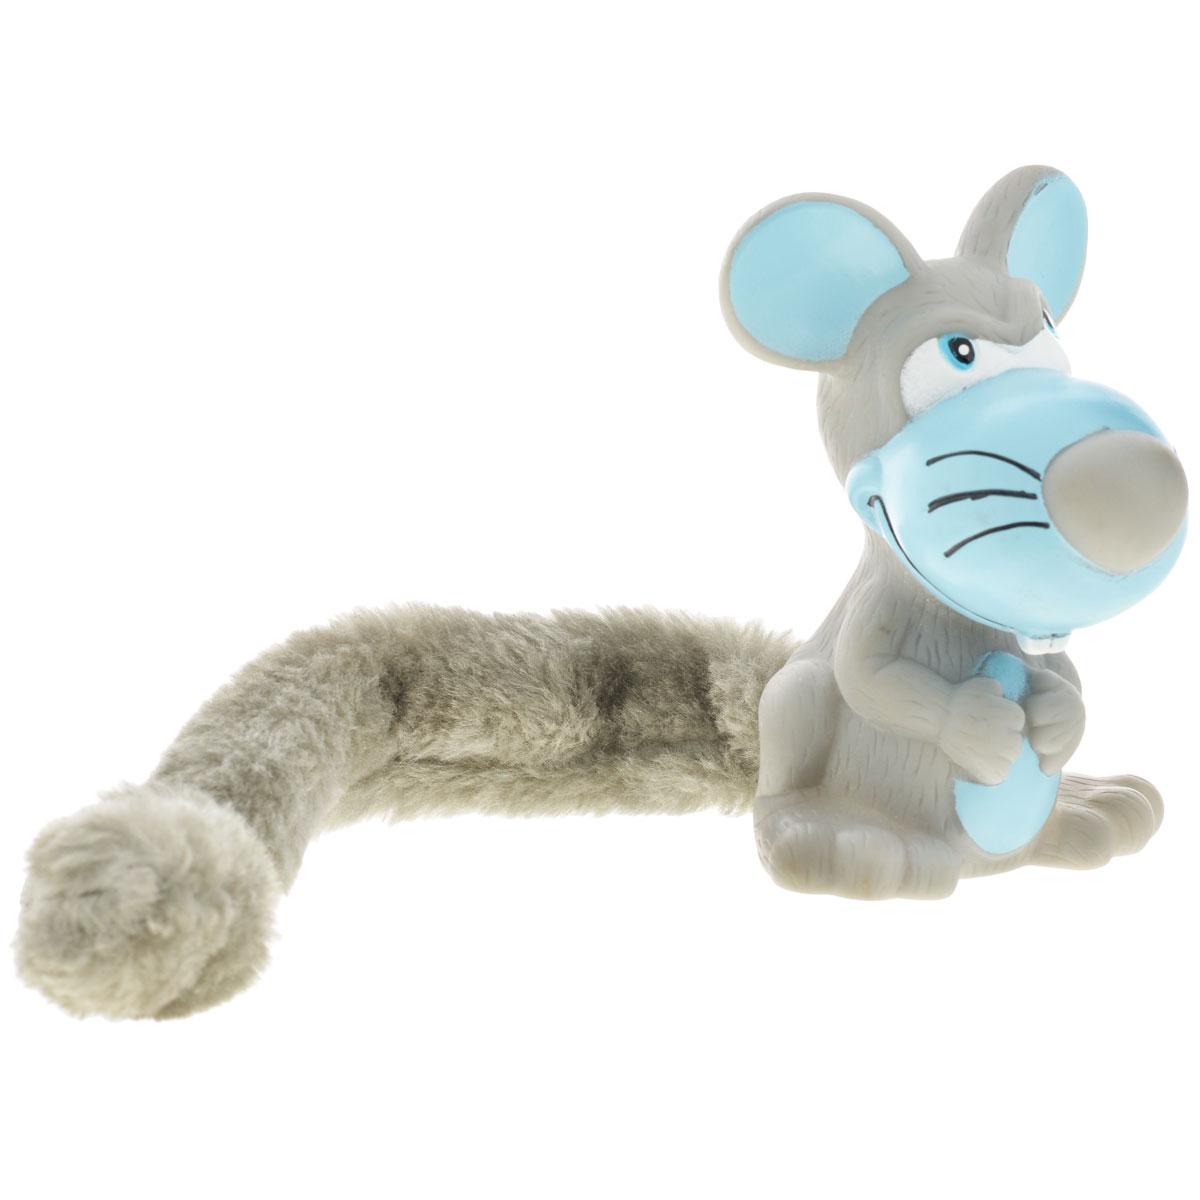 Игрушка для собак Aveva Мышь0120710Игрушка для собак Aveva Мышь, выполненная в виде забавной мышки с плюшевым хвостом, изготовлена из резины. Такая игрушка позволит весело провести время вашему питомцу, а также поможет вам сохранить в целости личные вещи и предметы интерьера. Яркая игрушка привлечет внимание вашего любимца, не навредит здоровью и займет его на долгое время. Длина хвоста игрушки: 20 см.